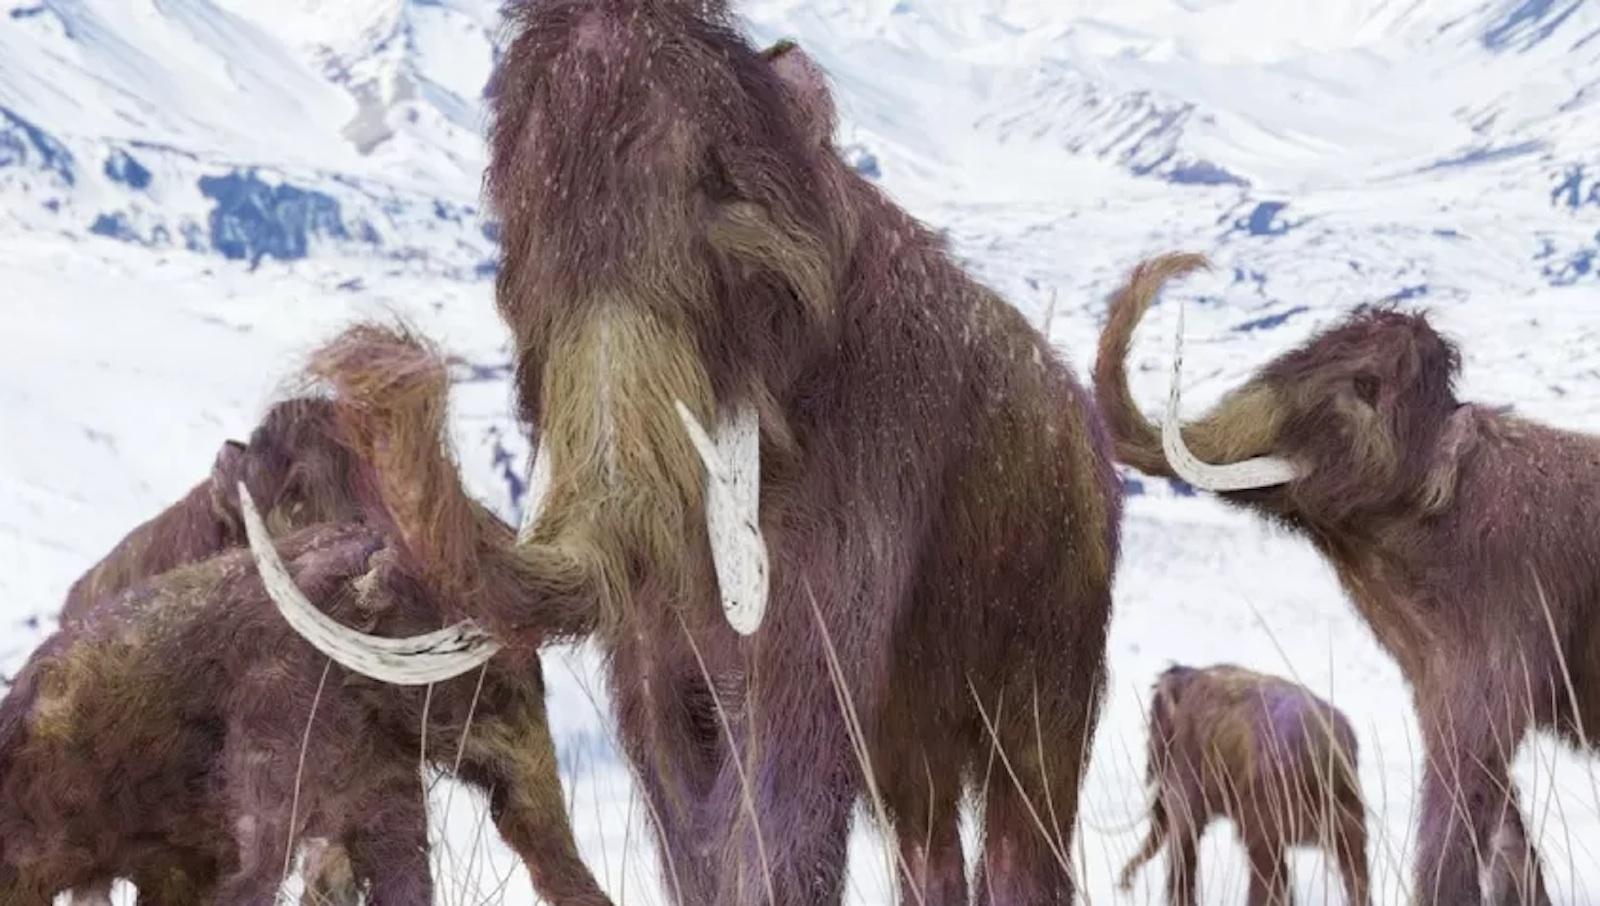 Jurassic Park nella realtà: scienziati provano a ricreare mammiferi estinti con il DNA